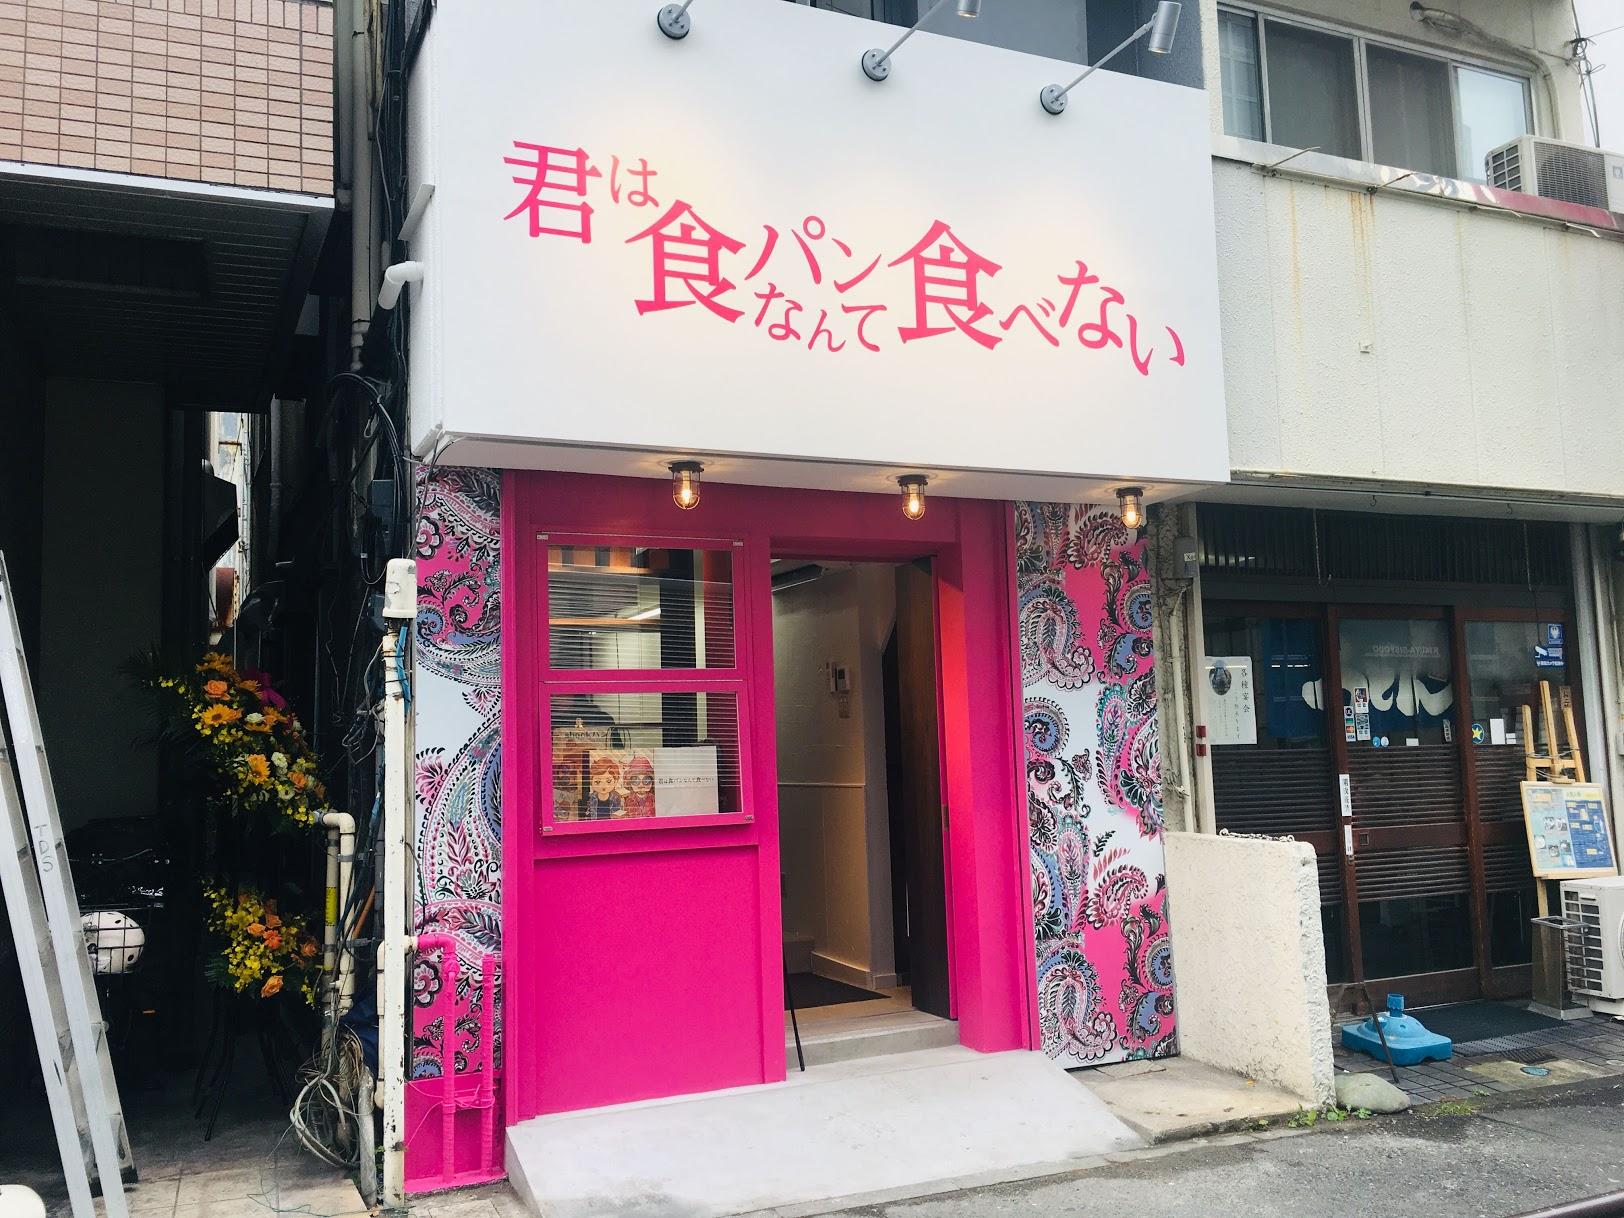 君は食パンなんて食べない│藤沢市の高級食パン専門店は、岸本拓也さん×パンパティ大泉シェフのコラボ!メニューや混み具合は?